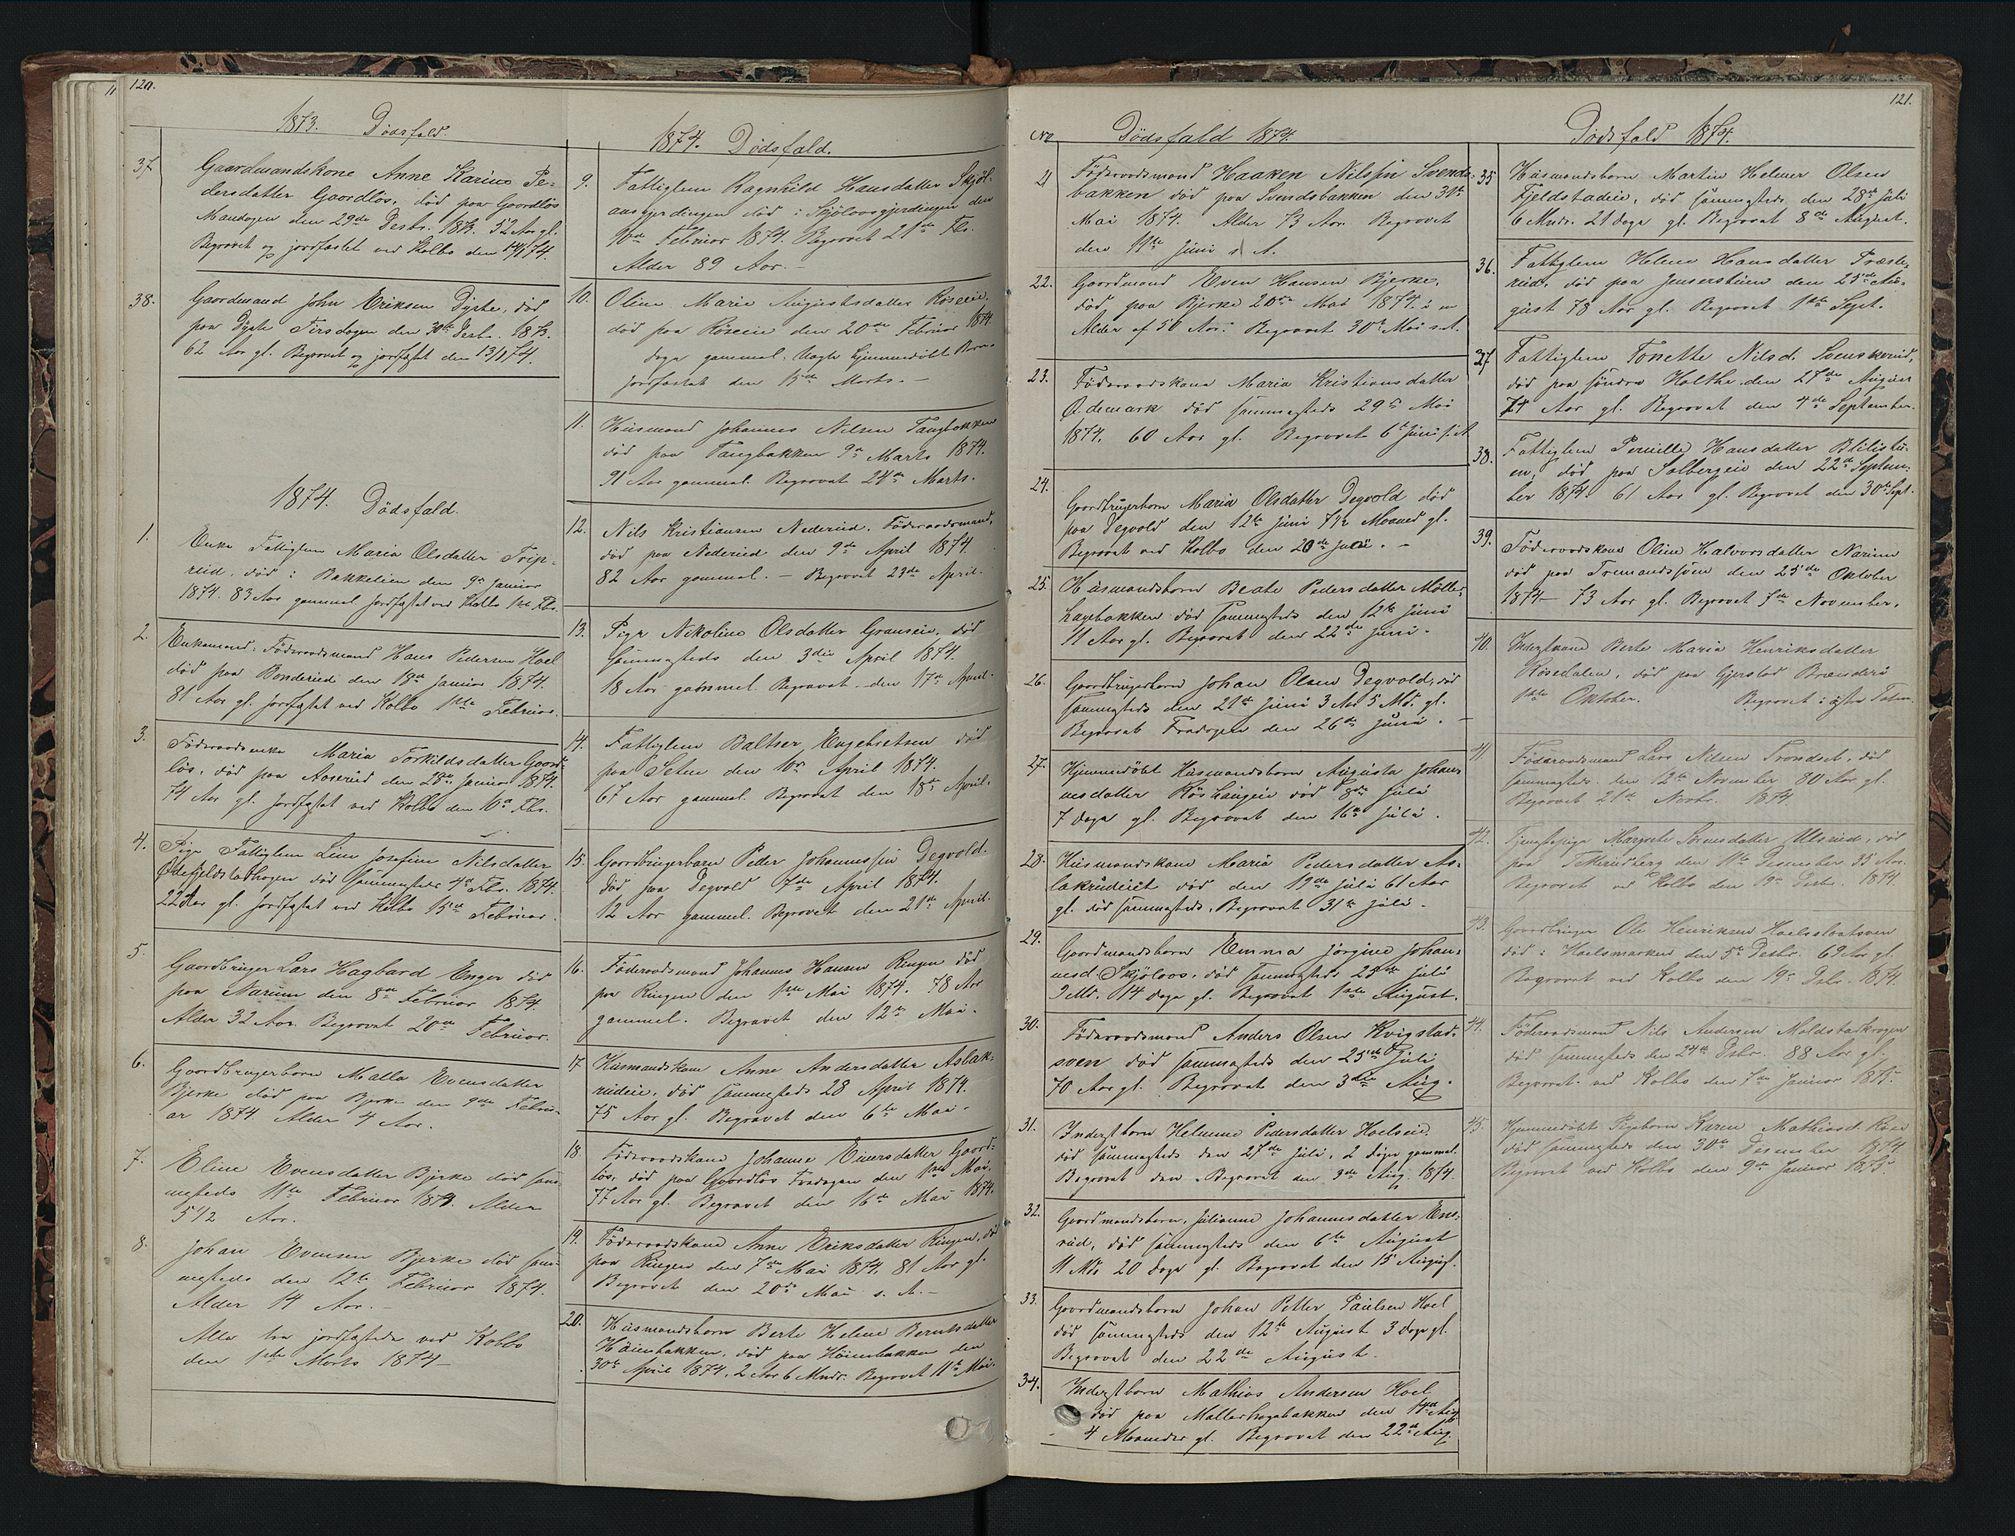 SAH, Vestre Toten prestekontor, Klokkerbok nr. 7, 1872-1900, s. 120-121